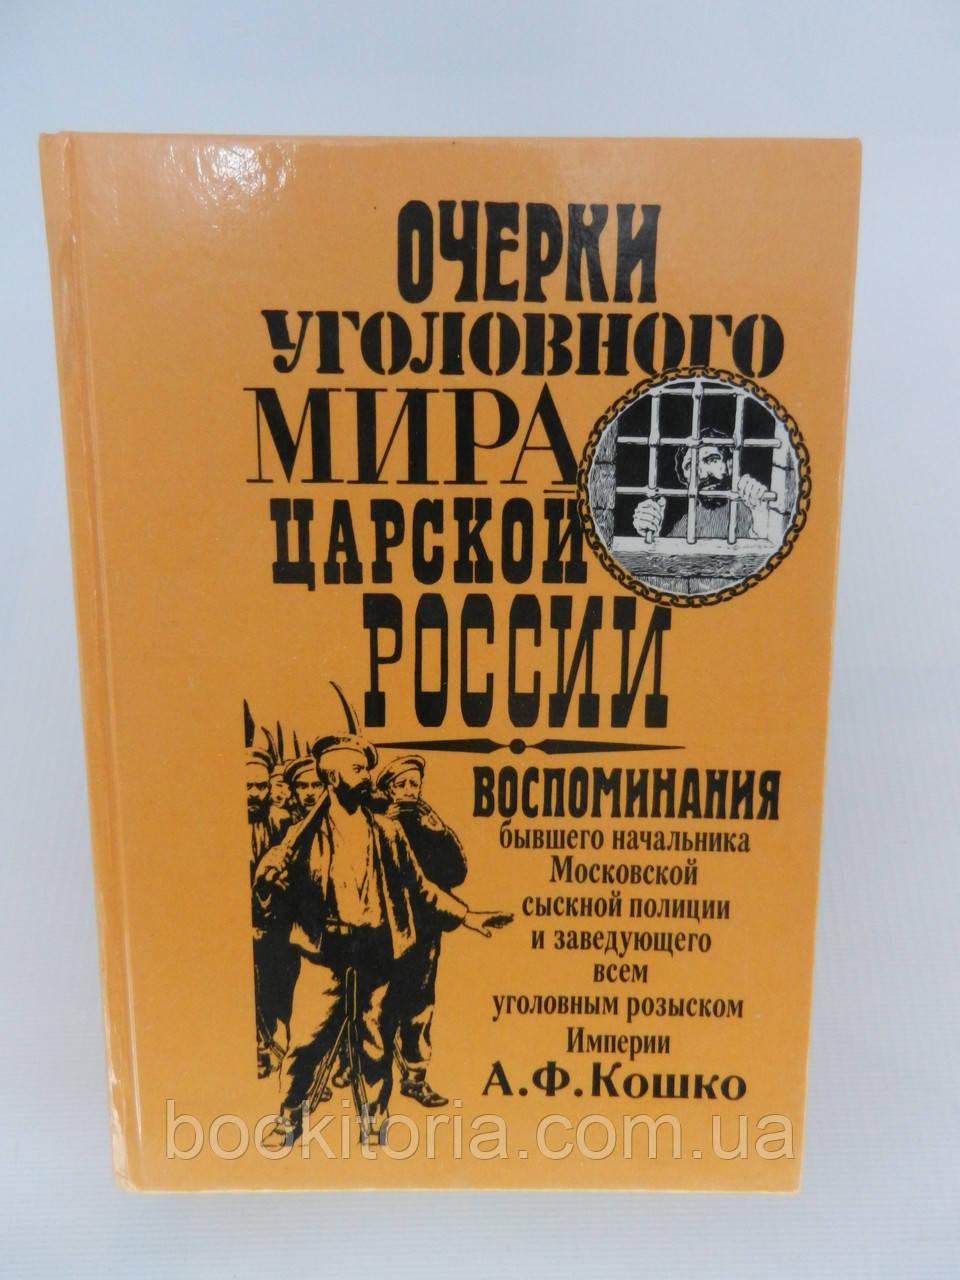 Кошко А.Ф. Очерки уголовного мира царской России (б/у).